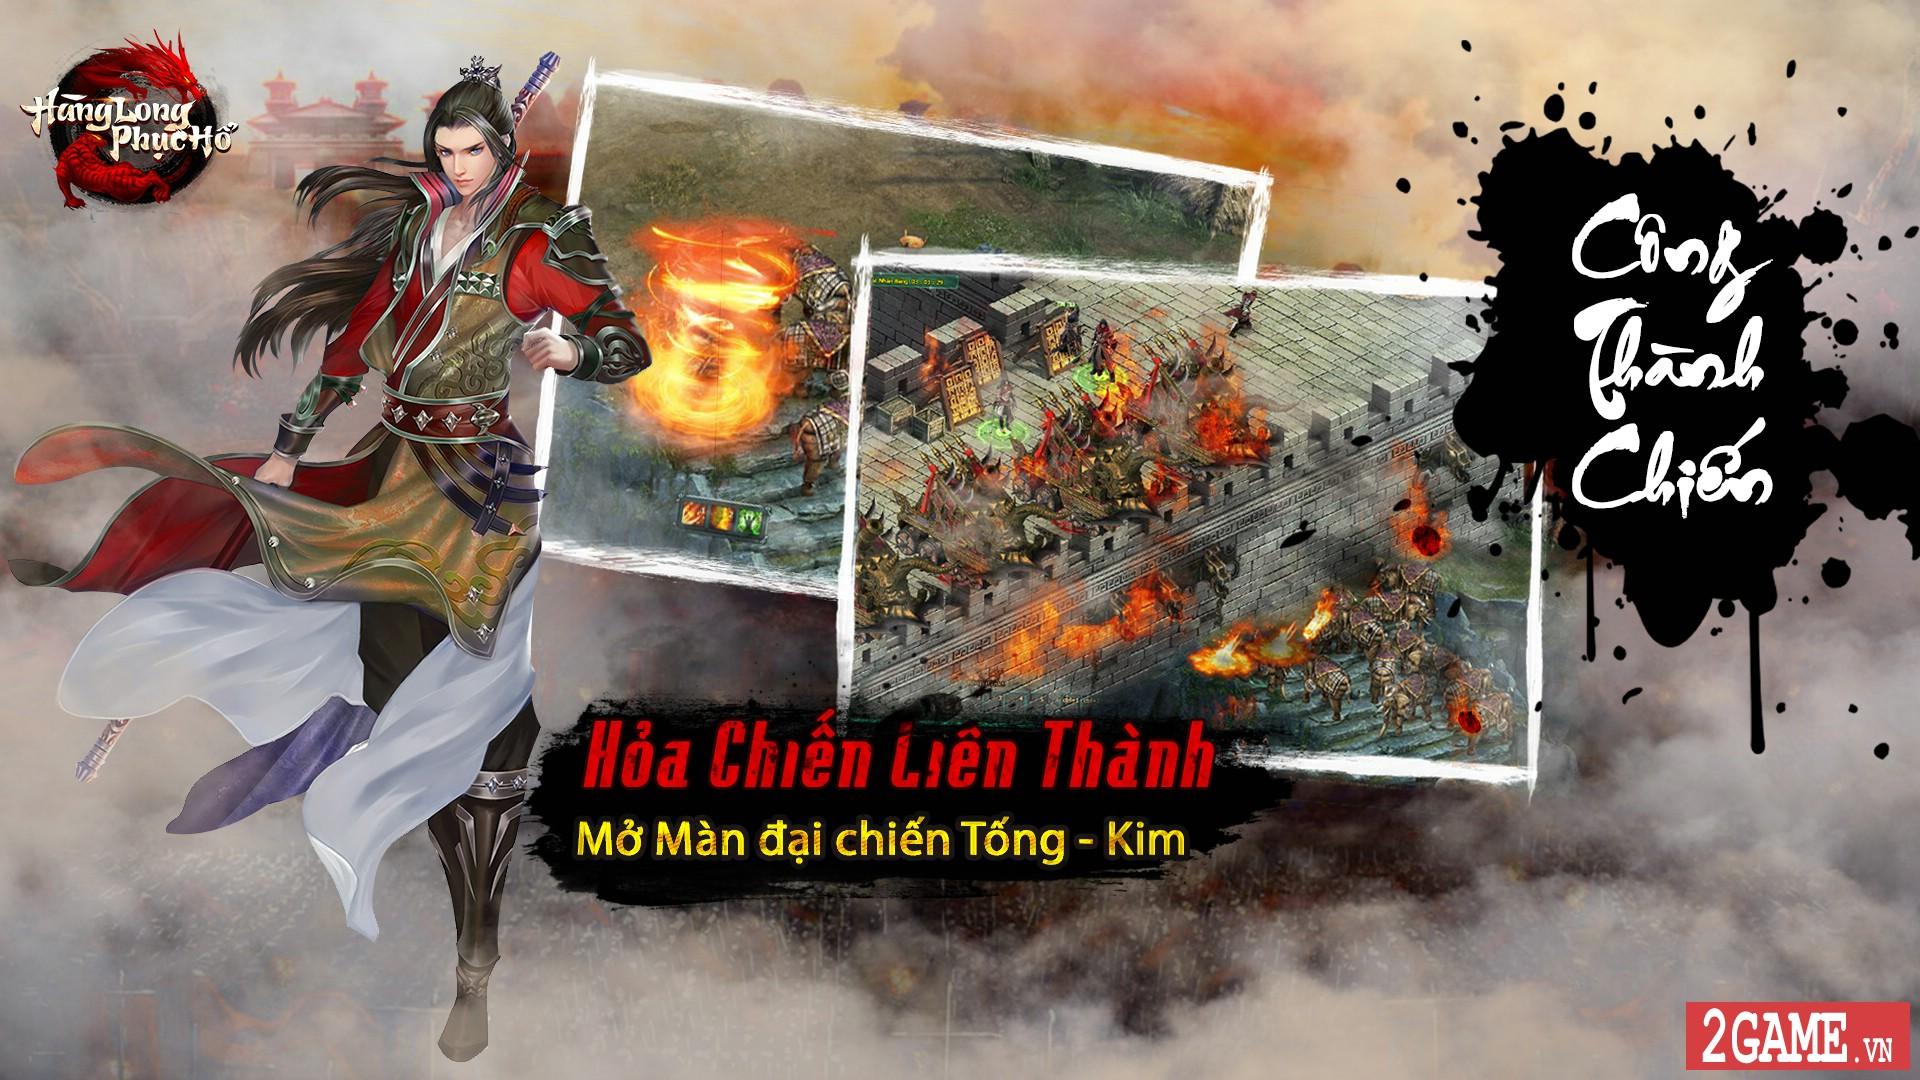 Webgame Hàng Long Phục Hổ mang đến chiến trường thế lực Tống - Kim đầy đổi mới 0